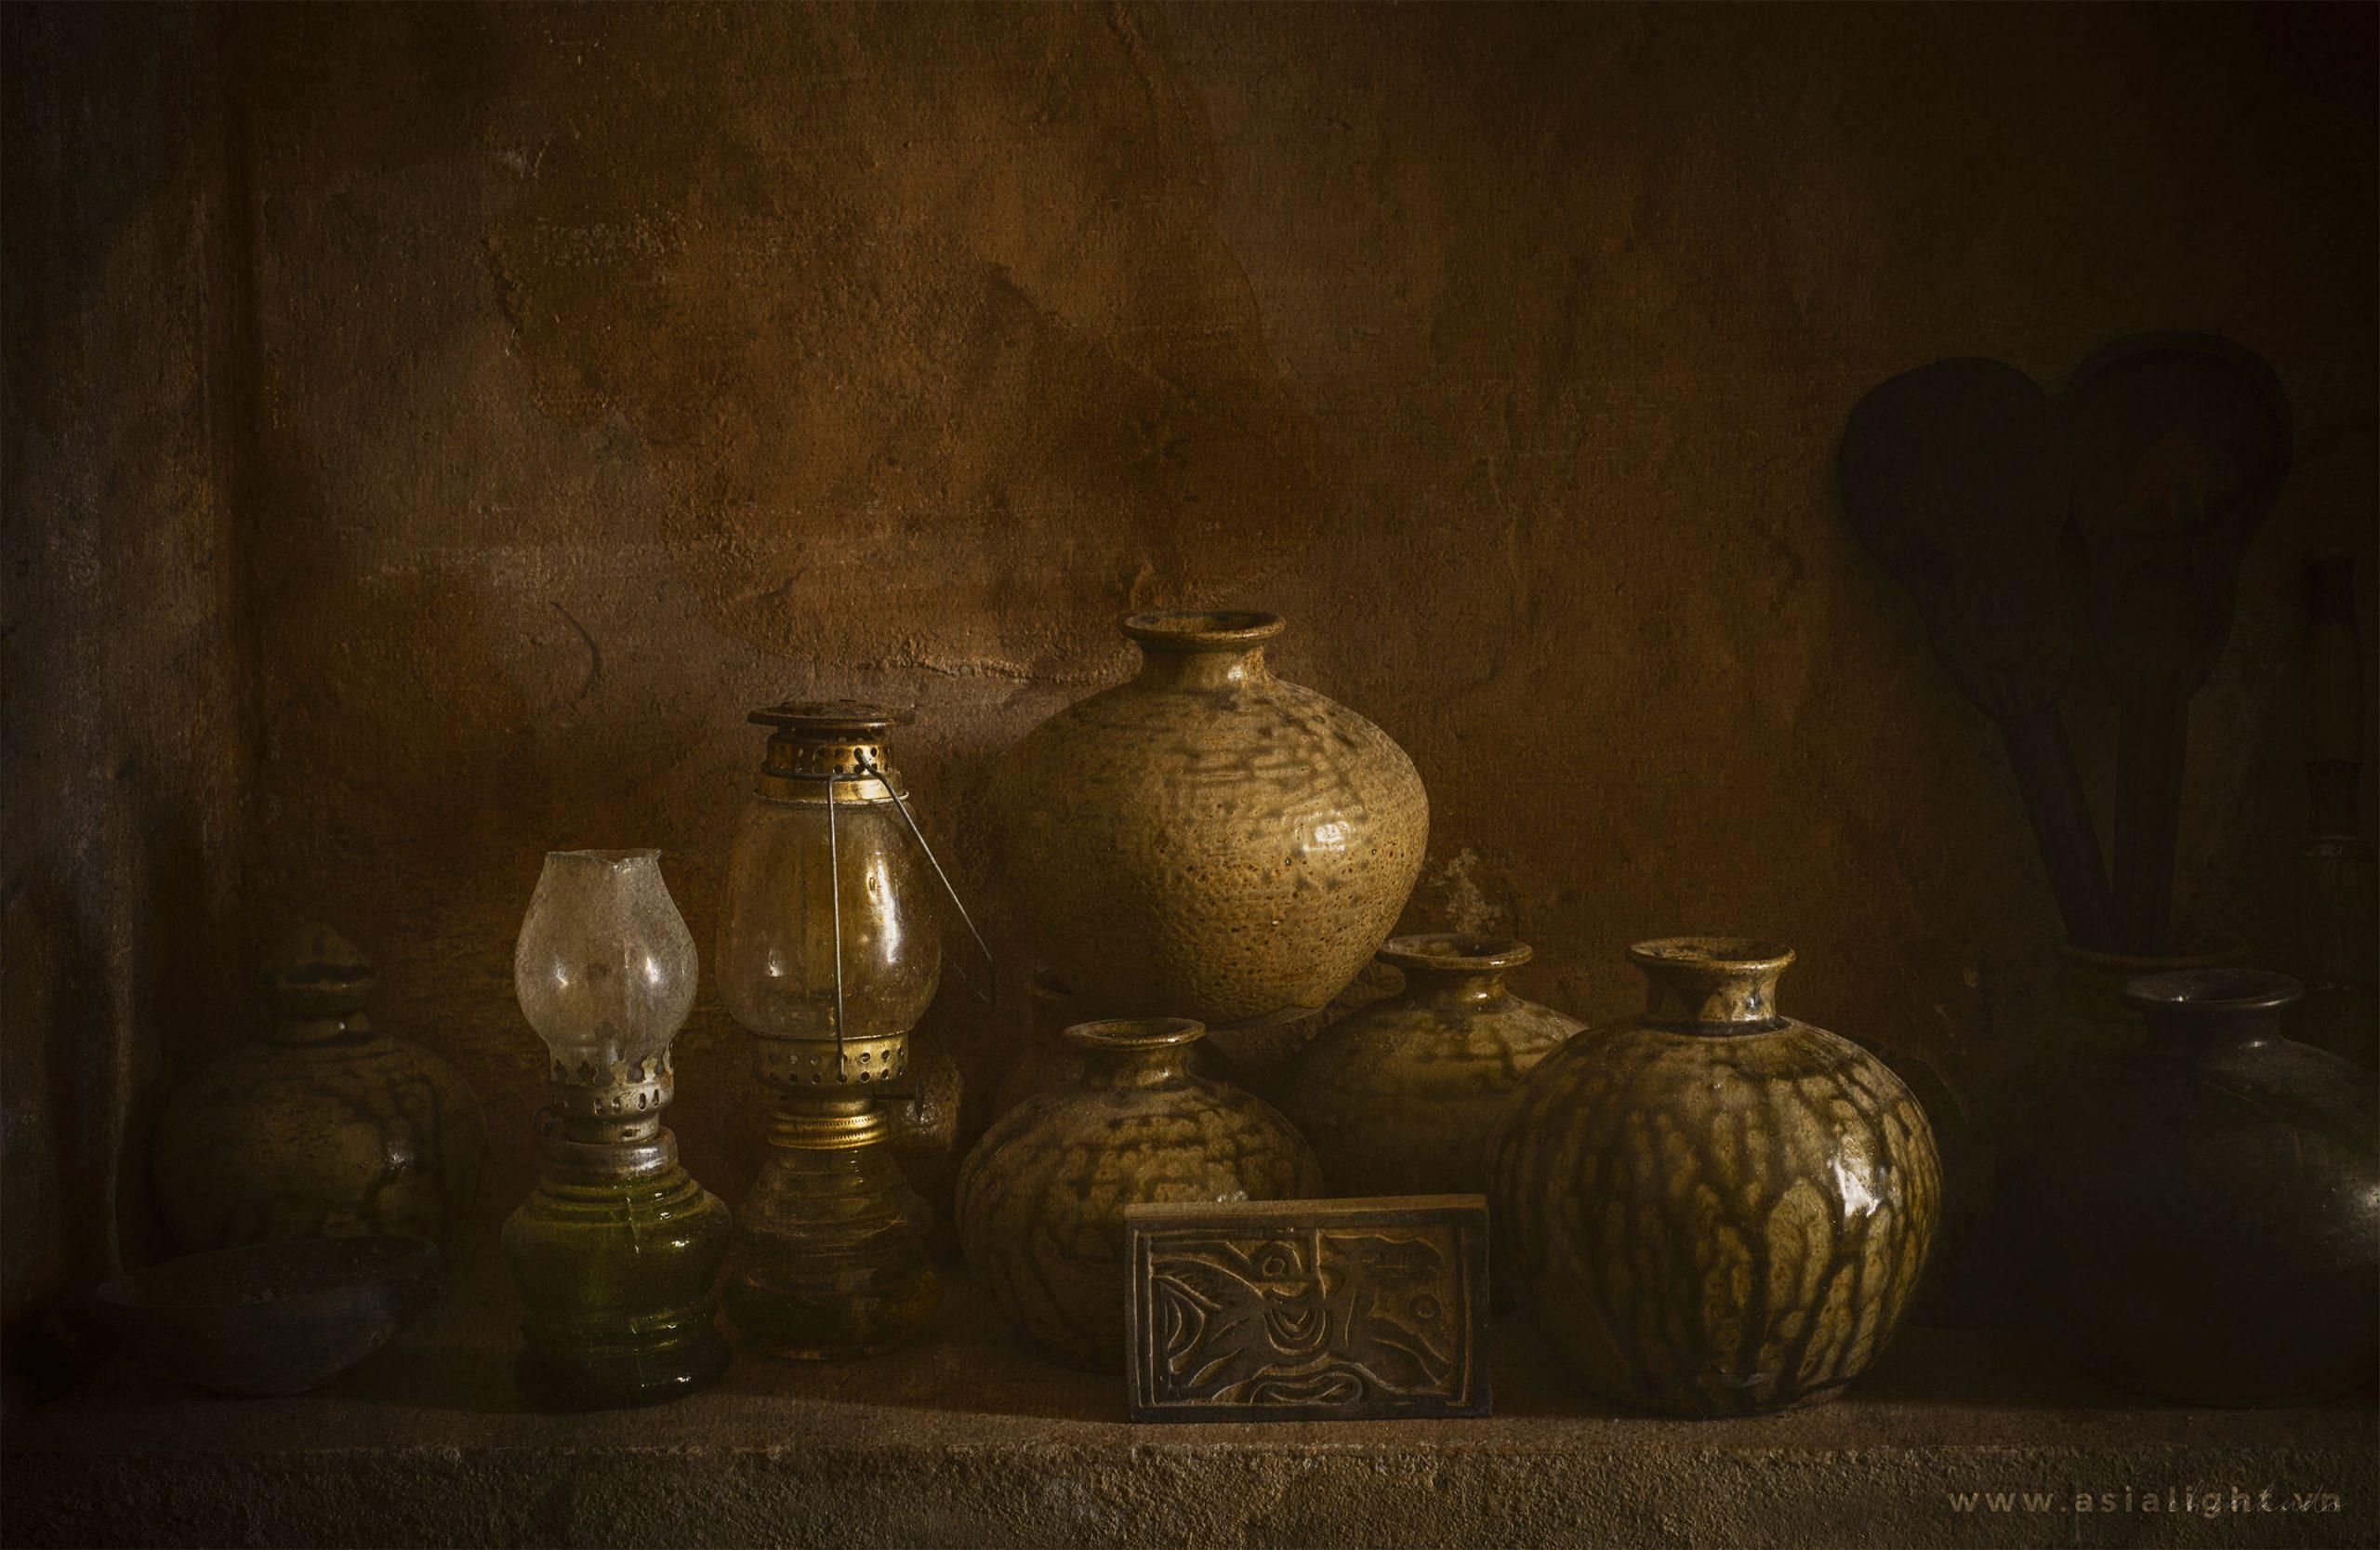 Antique-pieces